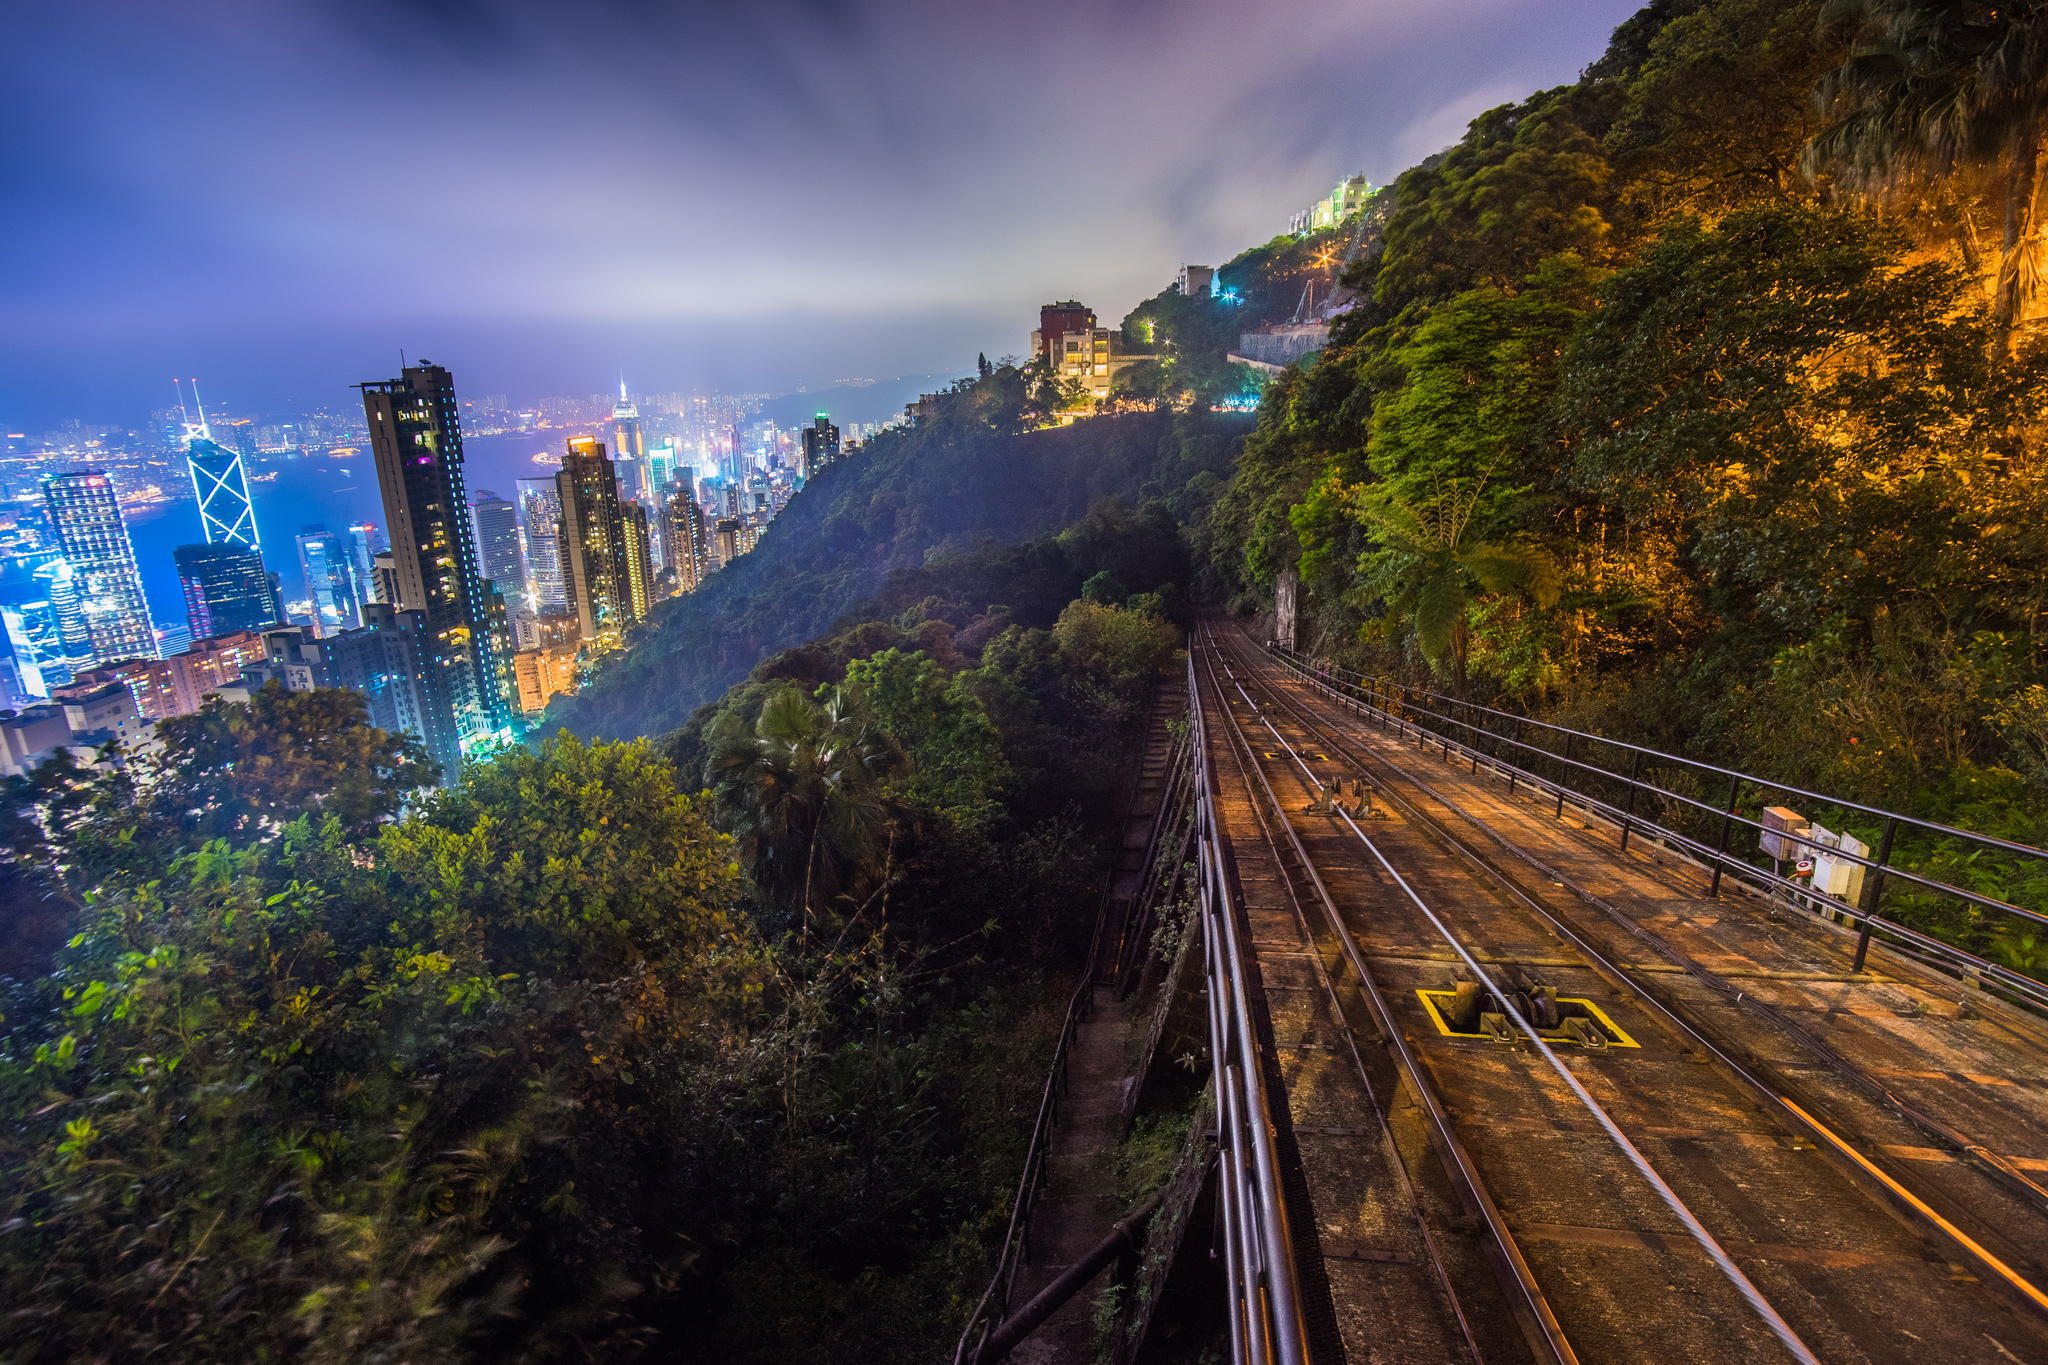 126546 papel de parede 720x1280 em seu telefone gratuitamente, baixe imagens Cidades, Noite, Arranha-Céus, Arranha Céus, Elevação, Hong Kong, Região Administrativa Especial De Hong Kong 720x1280 em seu celular